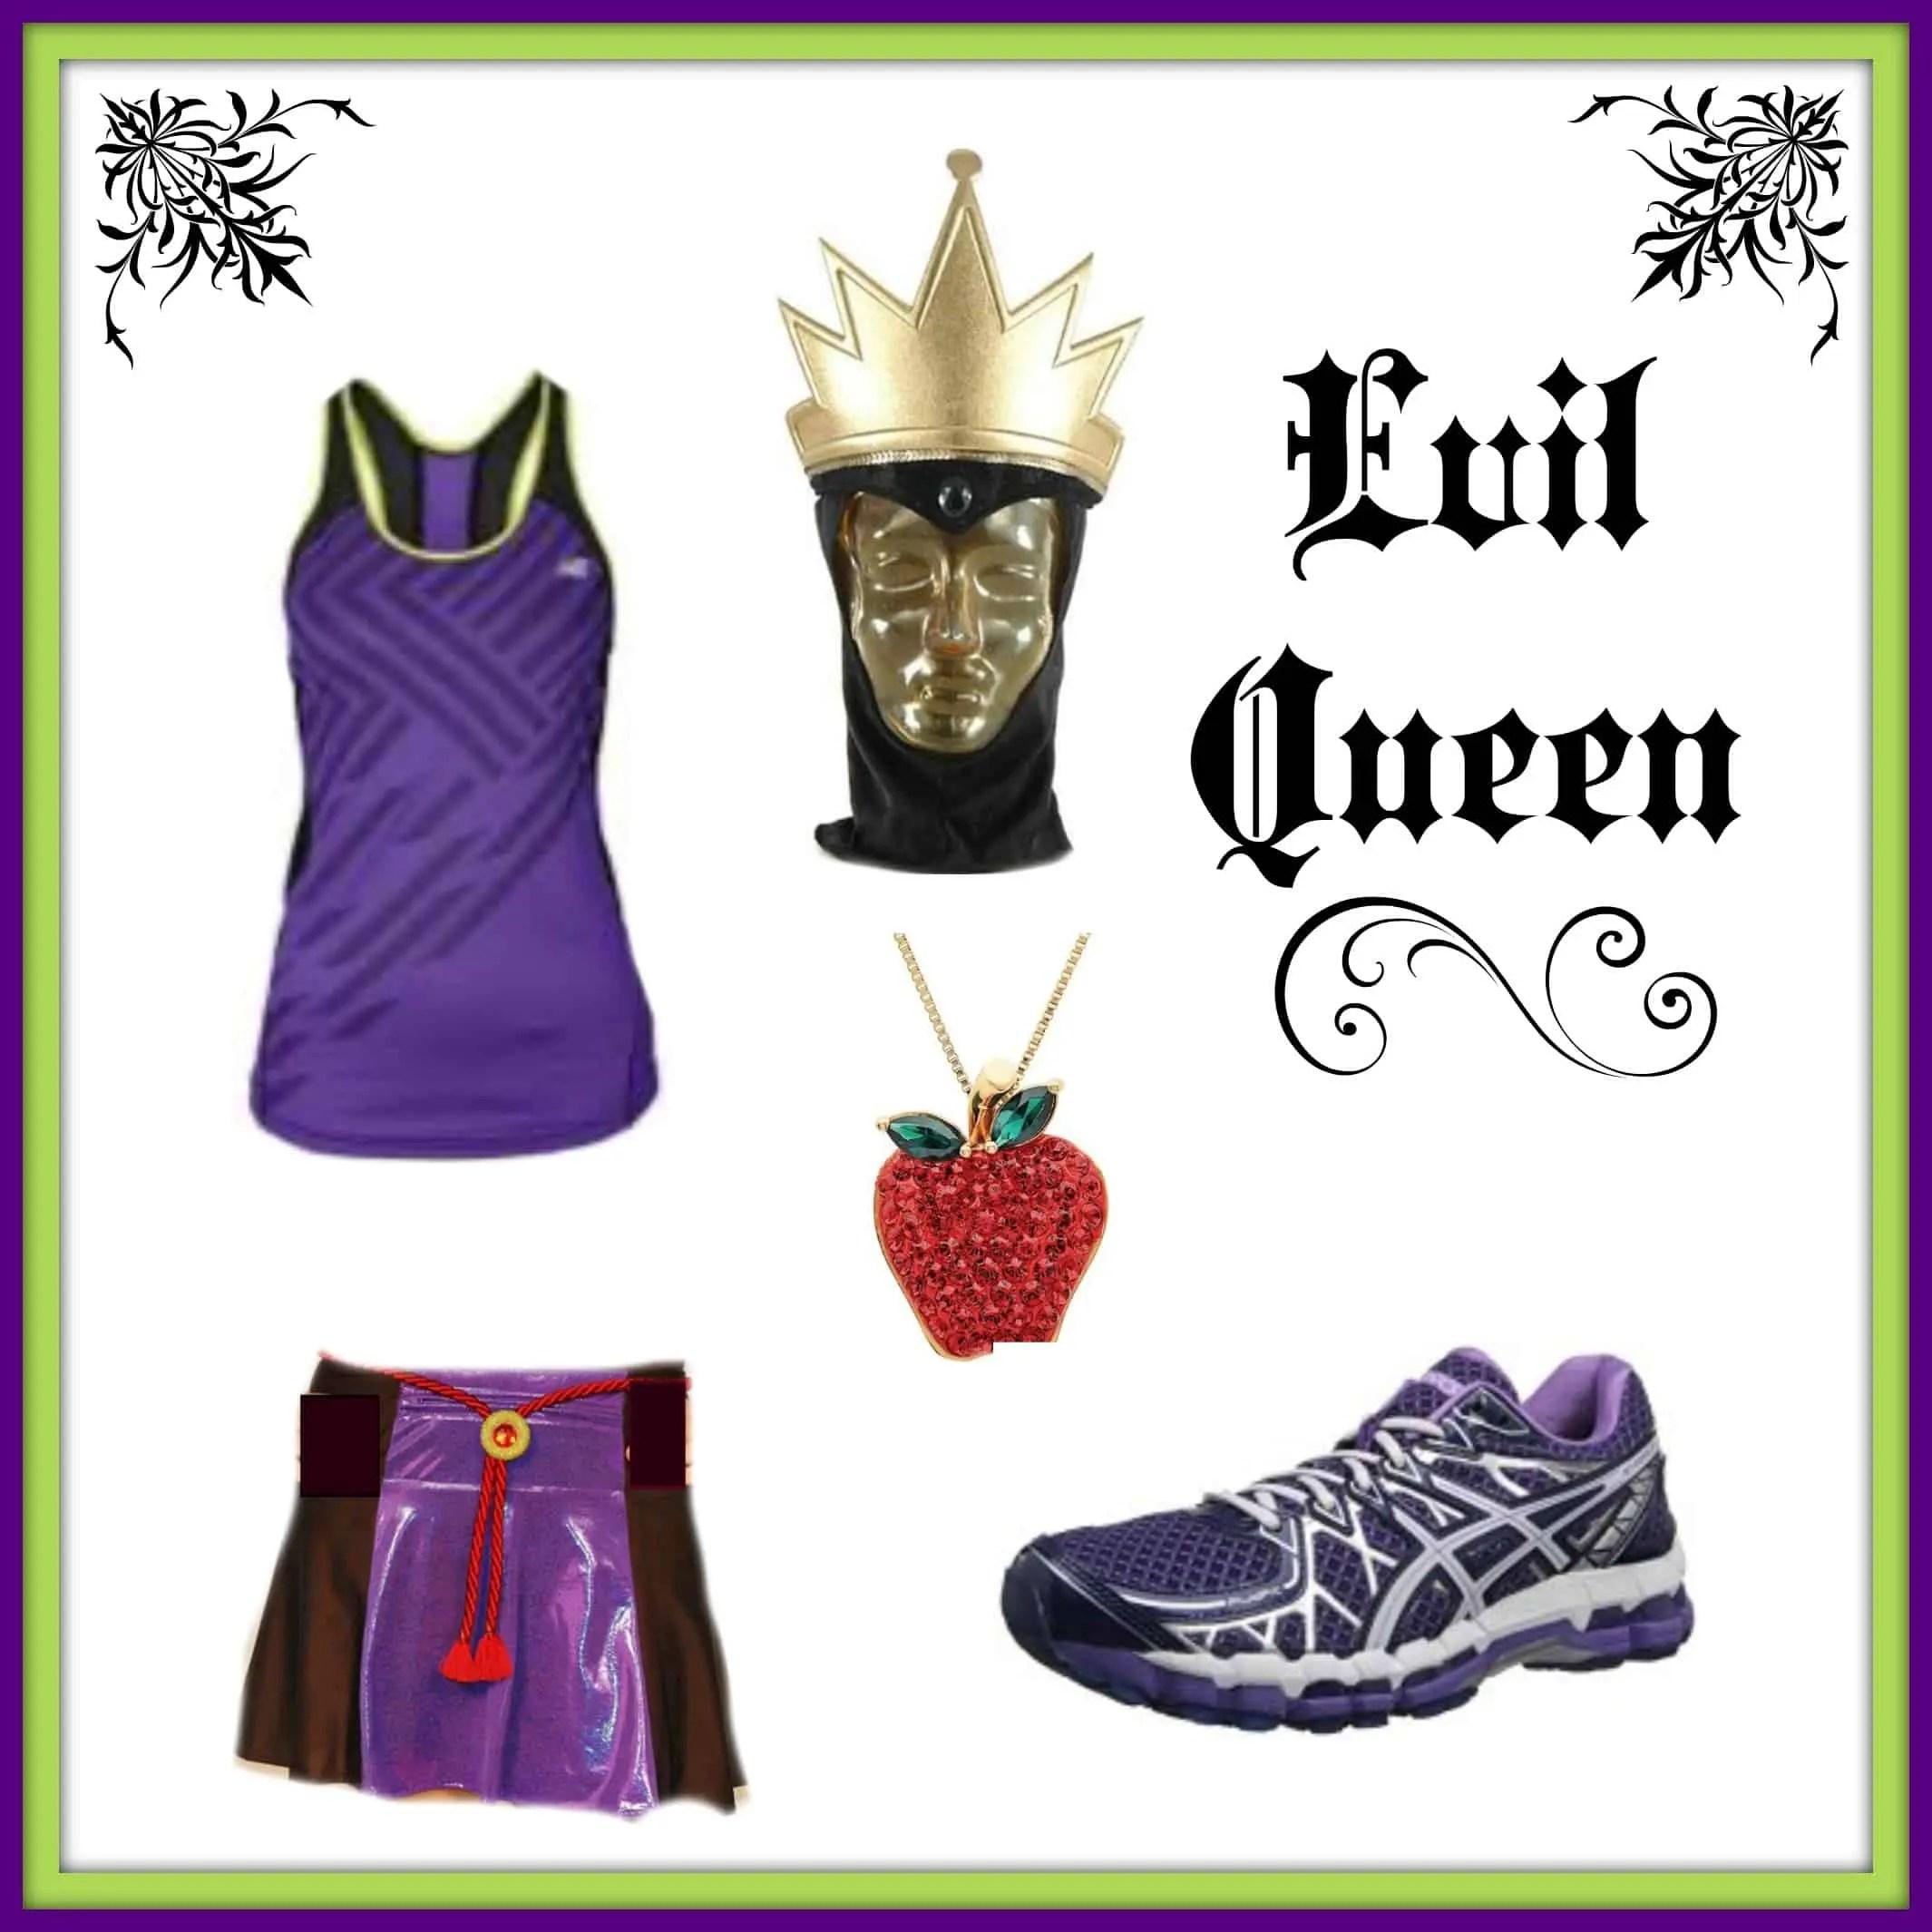 Evil Queen running costume